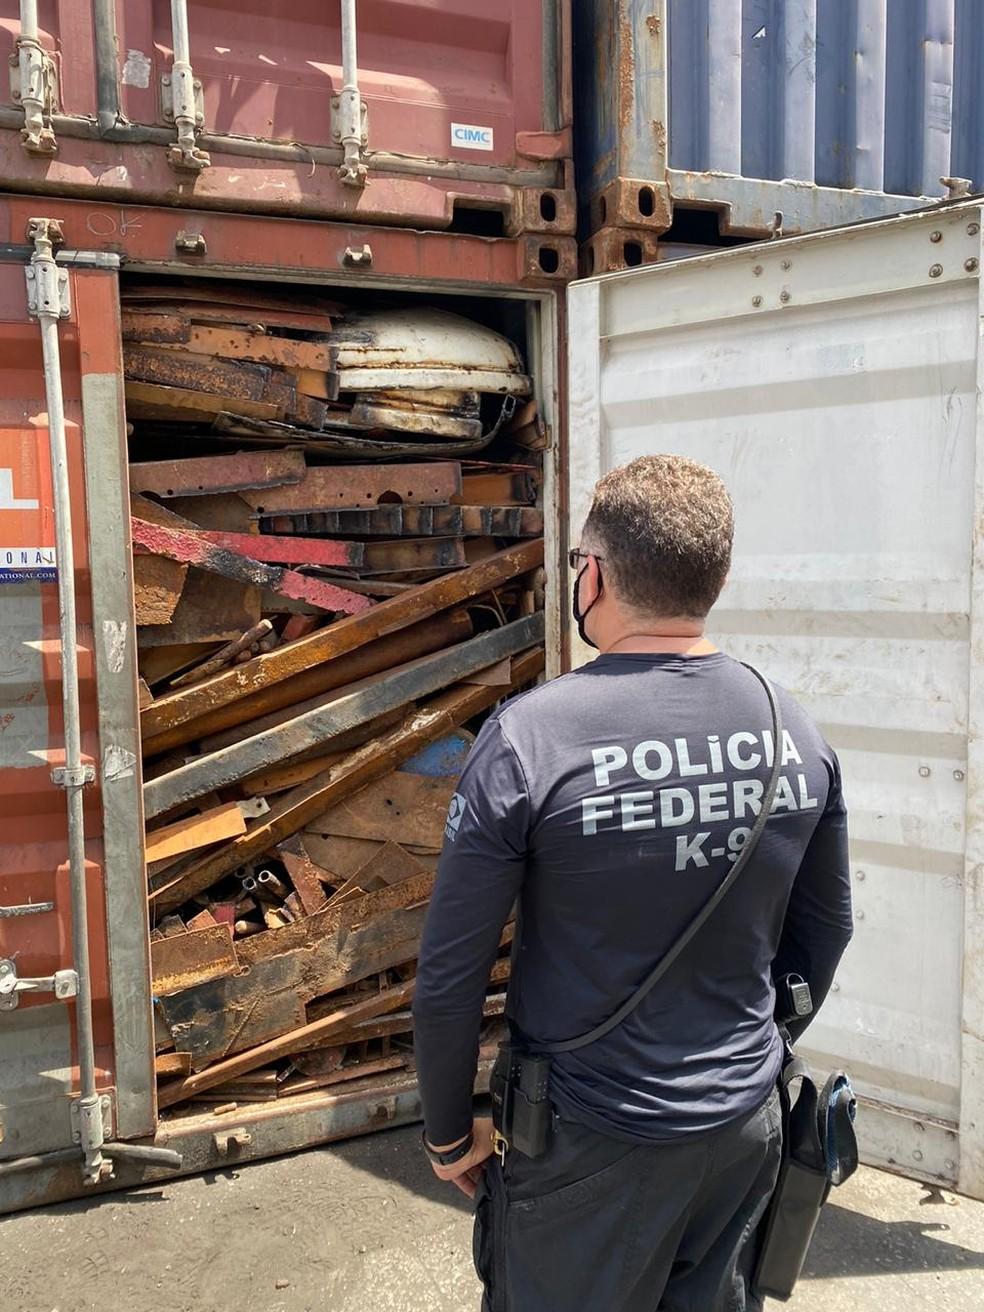 Policiais Federais e outros agentes realizaram ações no porto, no aeroporto de Natal e em rodovias federais da região metropolitana. — Foto: PF/Divulgação